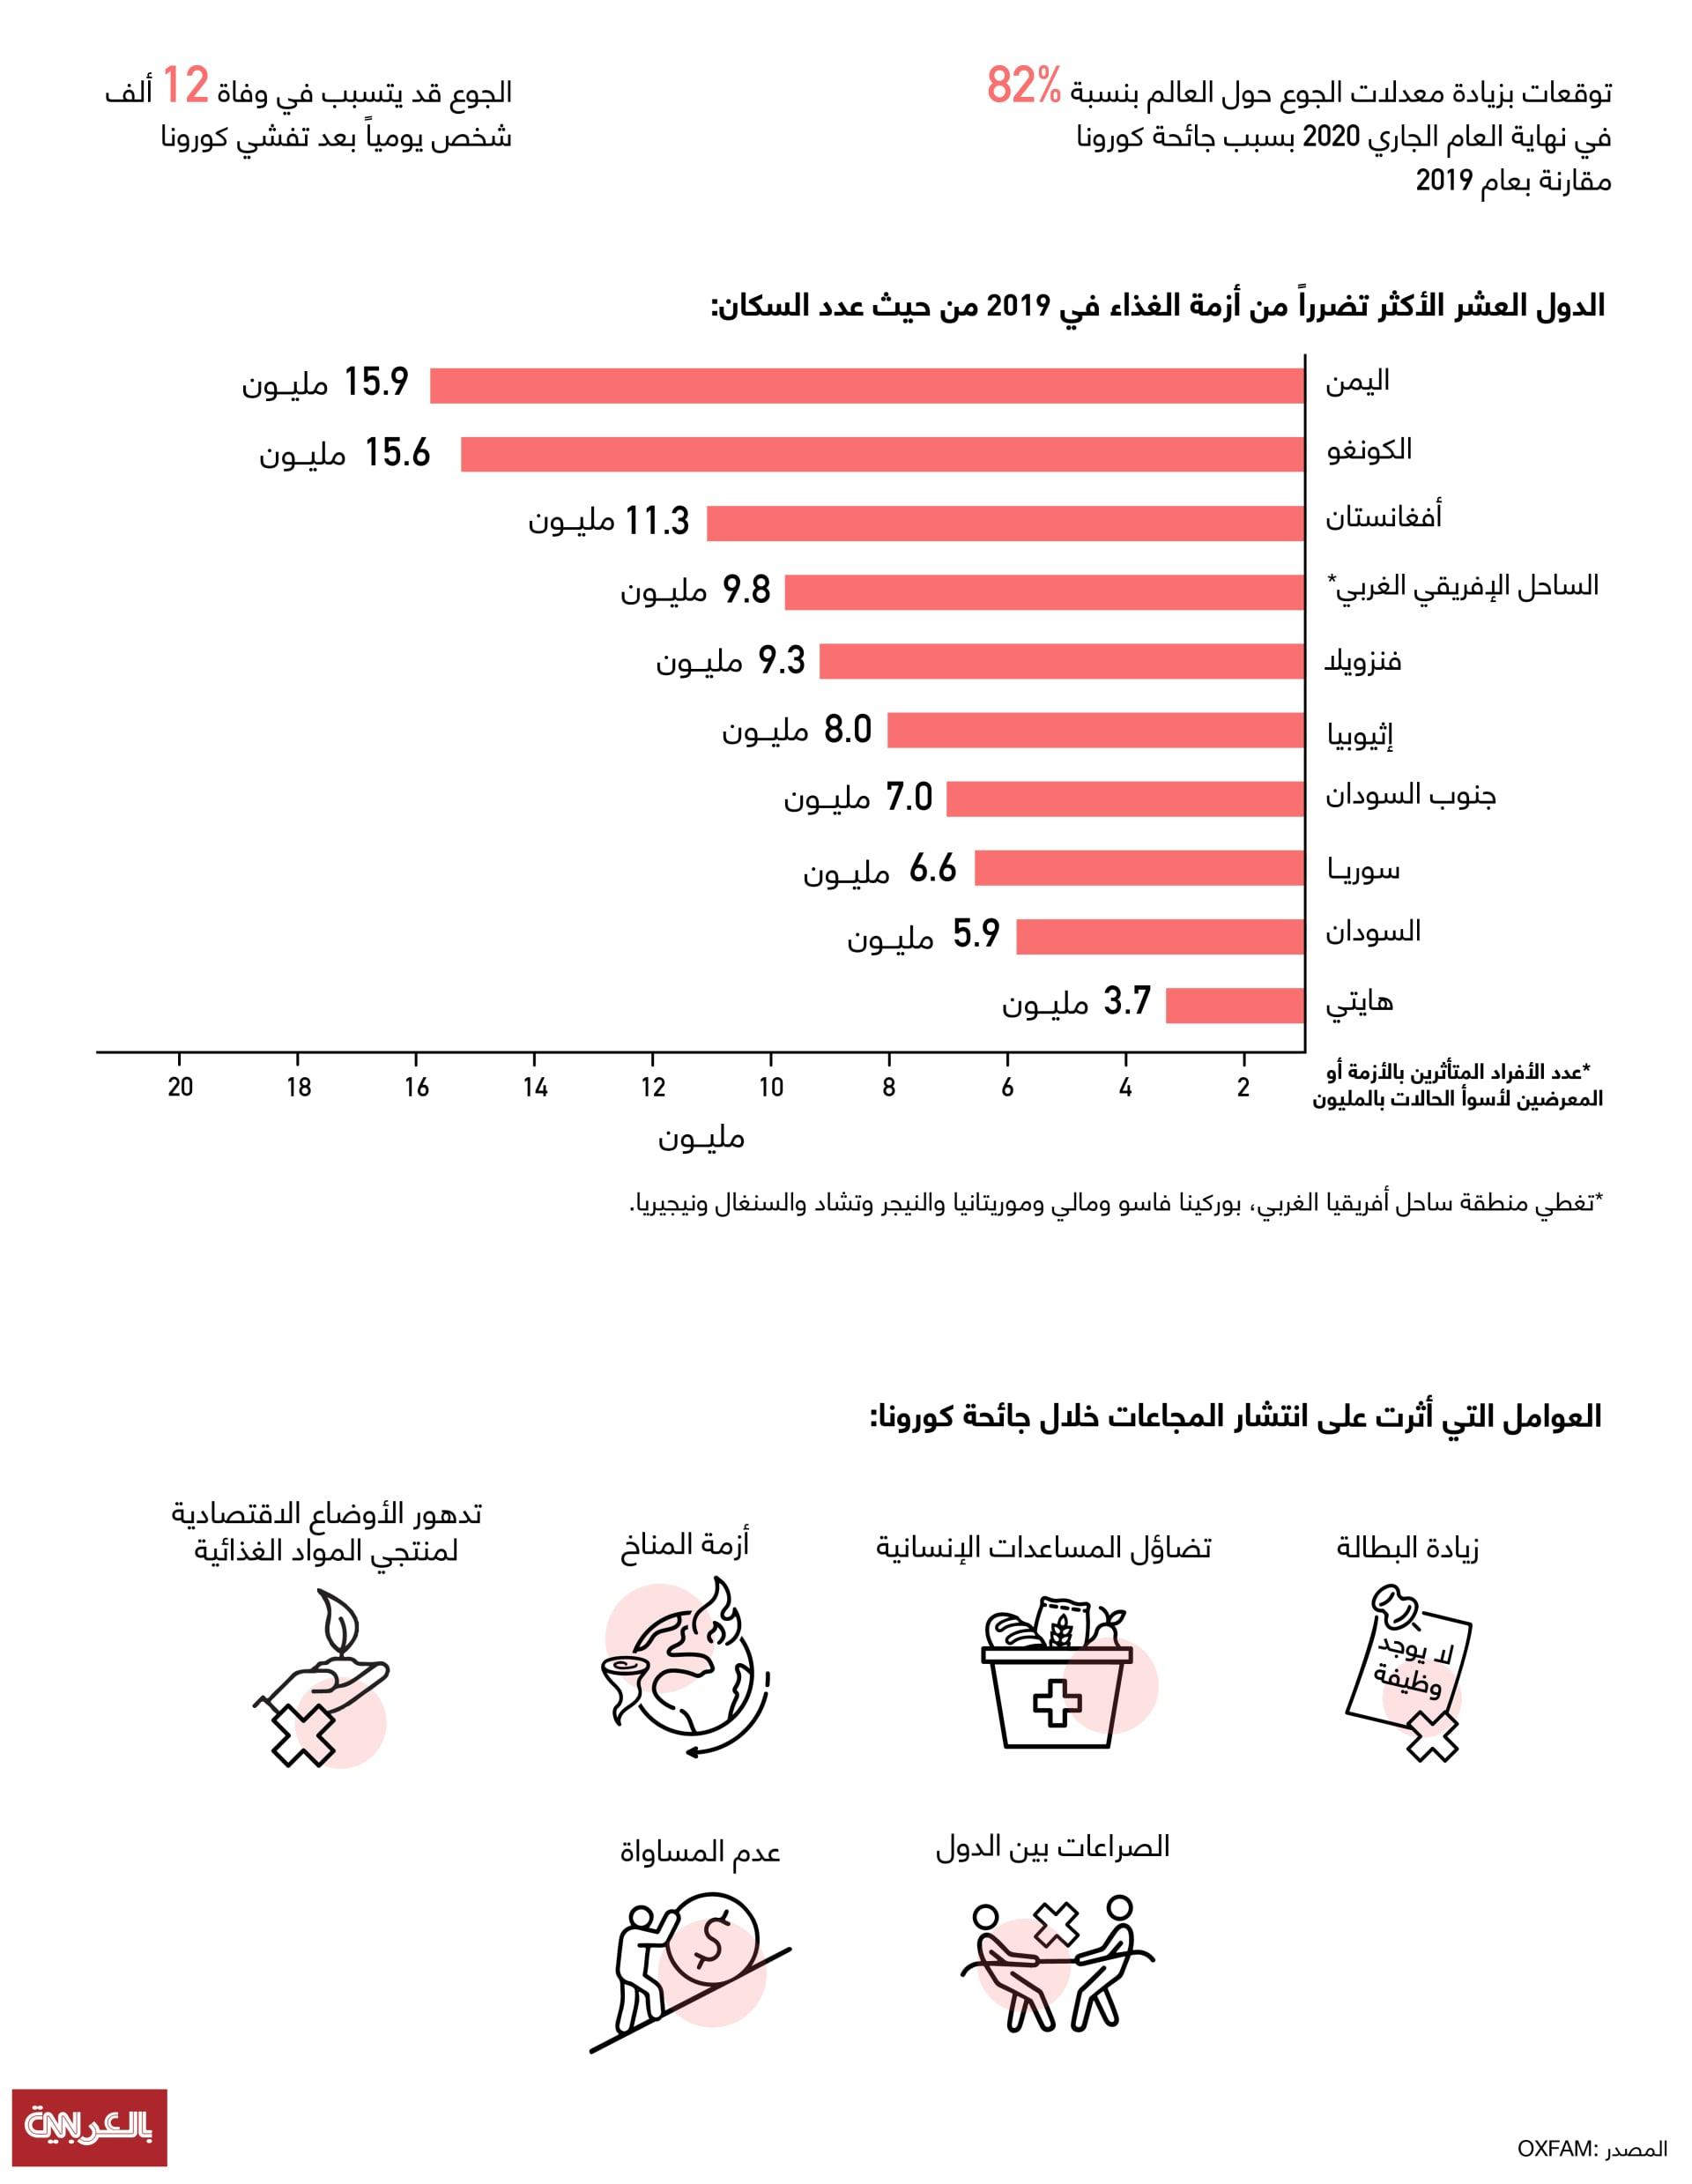 إنفوغرافيك حول العوامل التي تساهم في نقص الأمن الغذائي بسبب تفشي كورونا